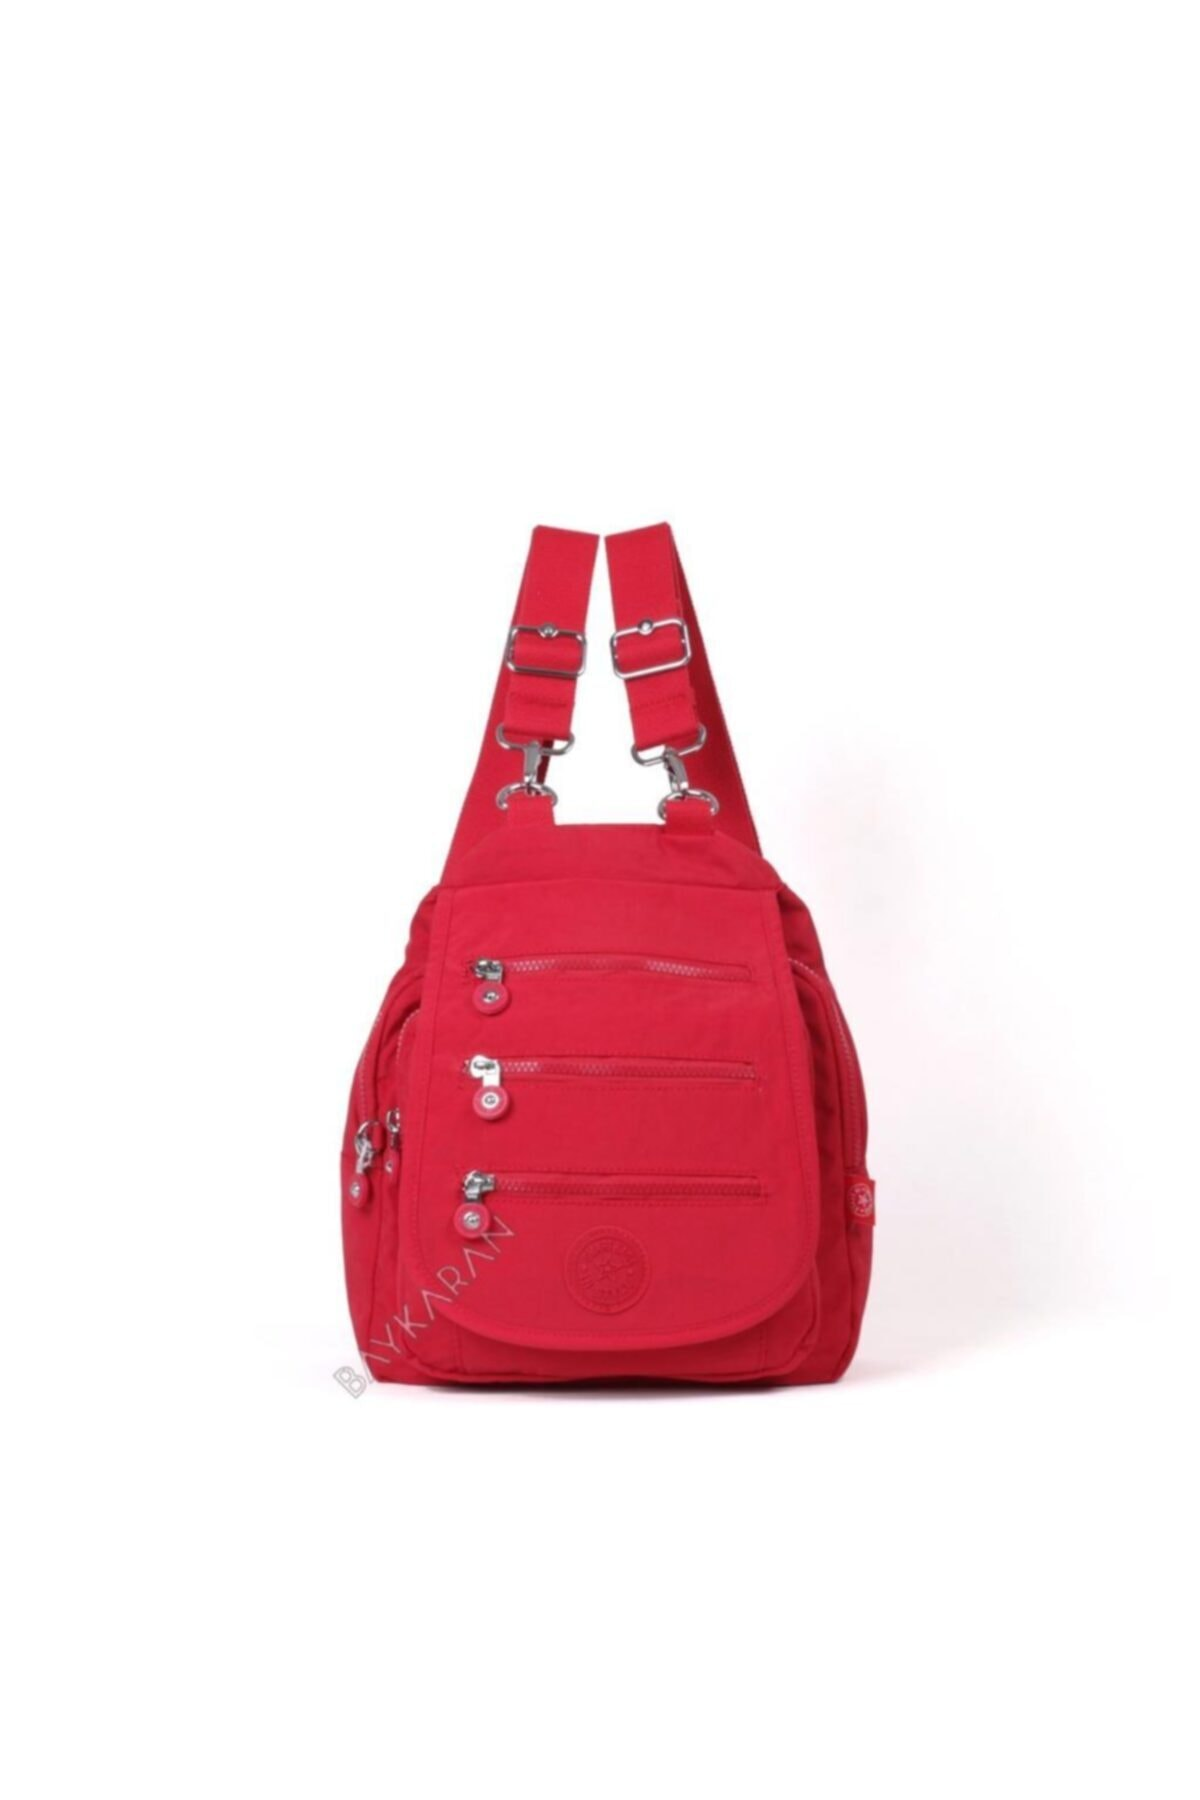 SMART BAGS Küçük Boy Kadın Sırt Çantası 1169 19 Kırmızı 1